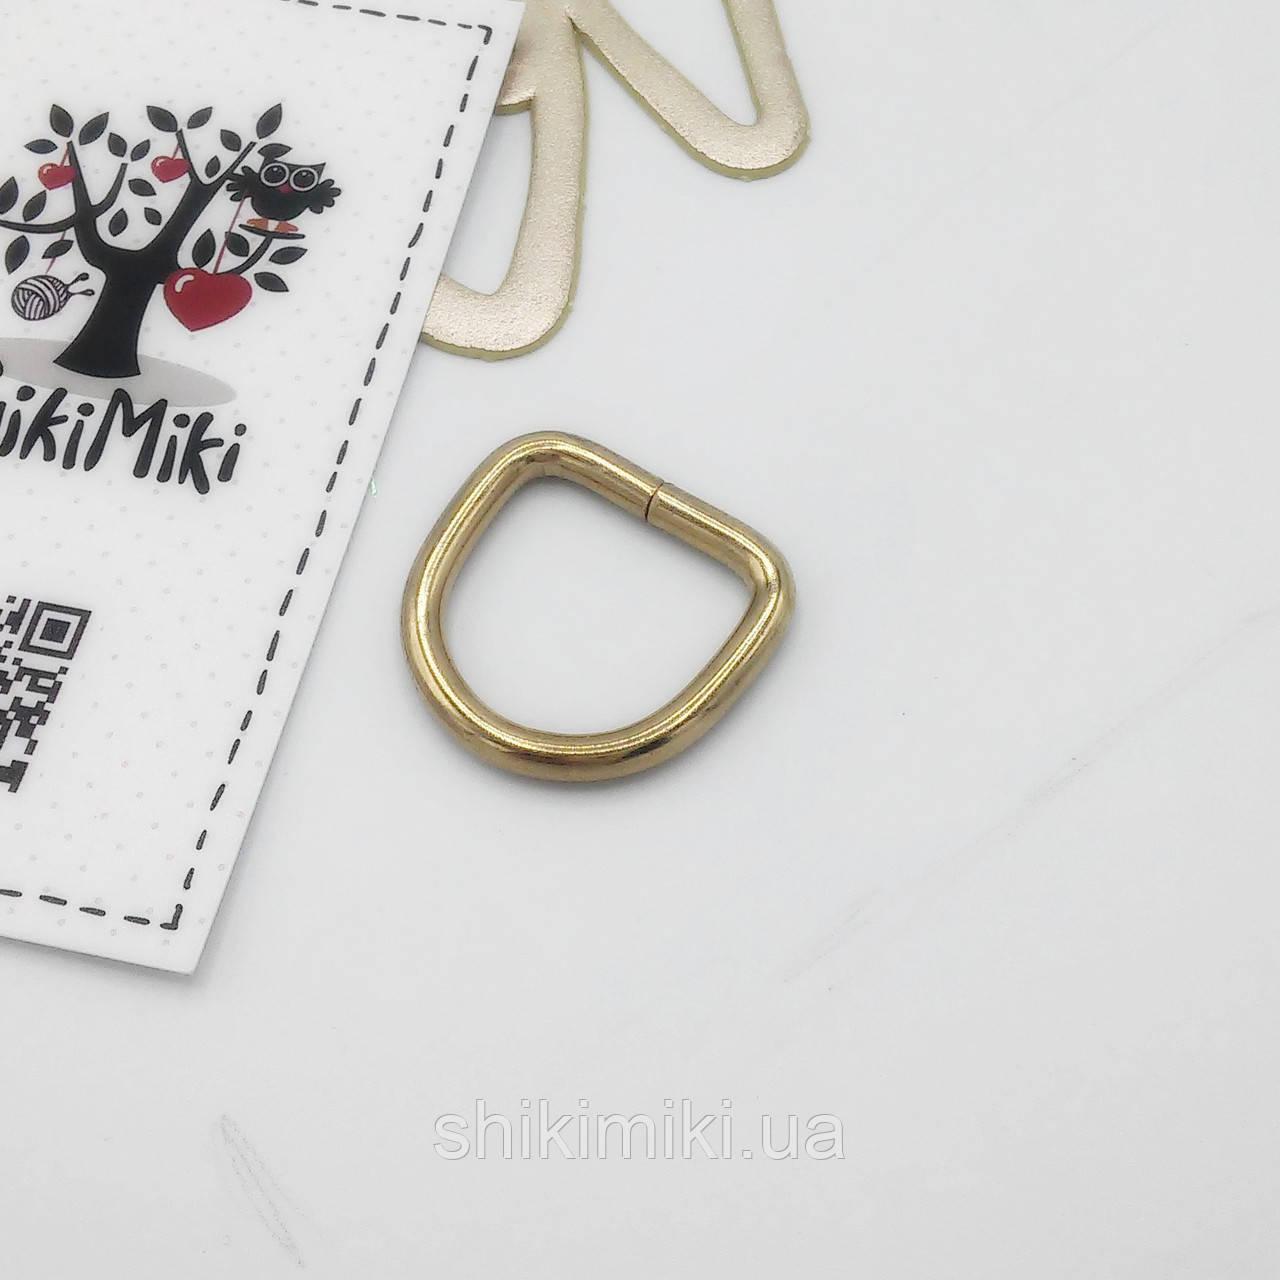 Полукольцо для сумки PK08-3 (20 мм), цвет золото